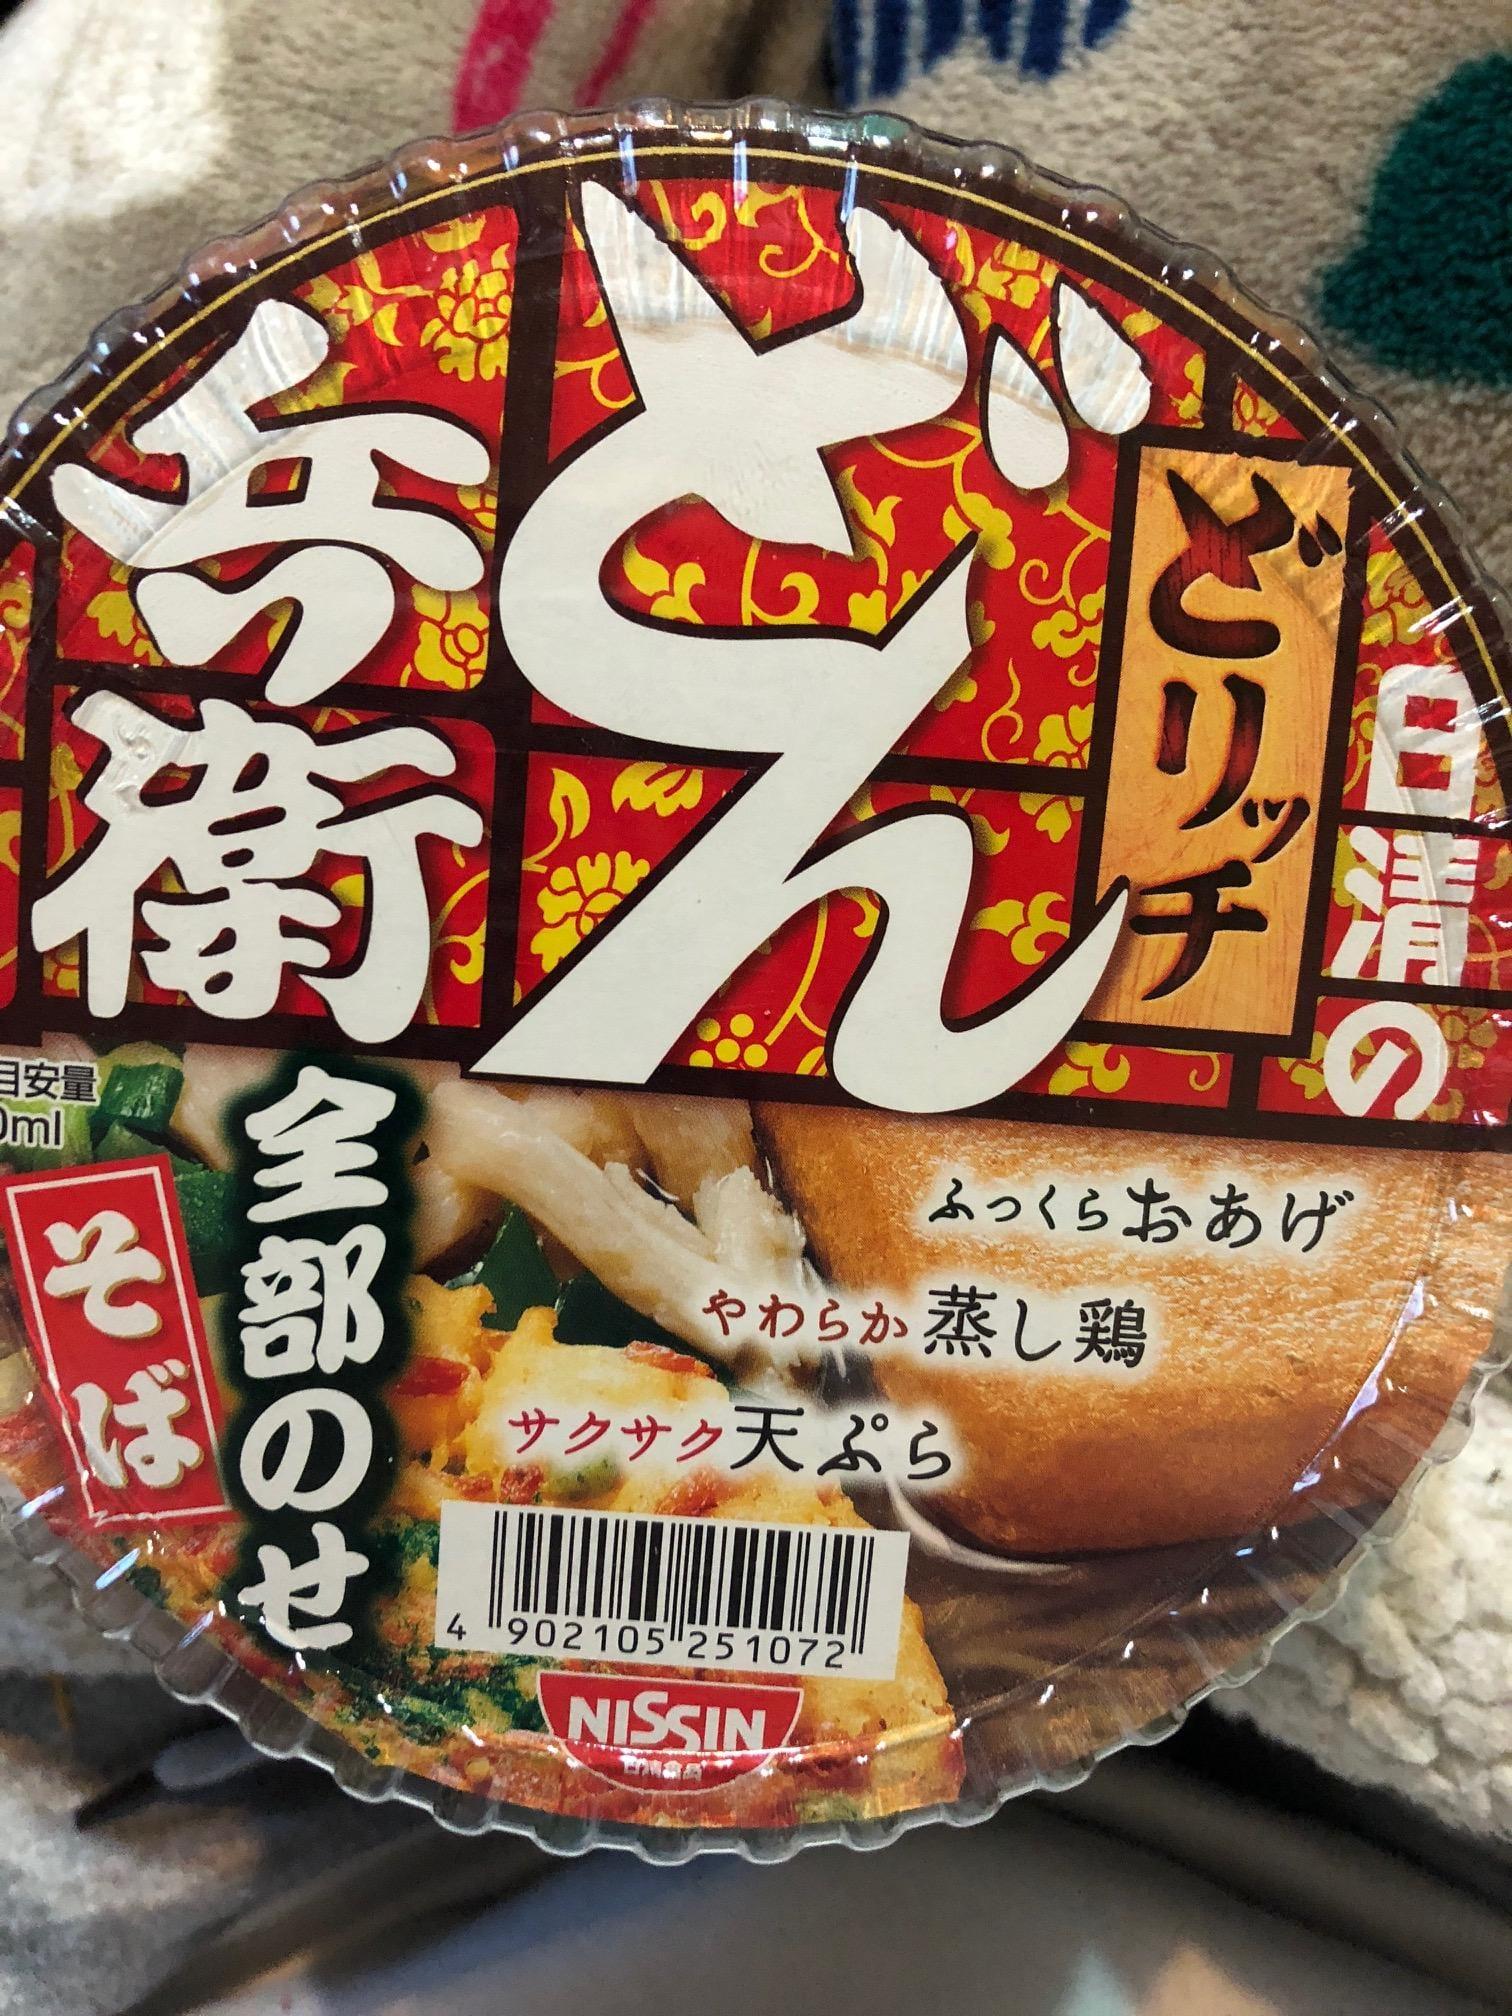 ゆう「かえる(o´∀`o)」12/13(木) 04:48   ゆうの写メ・風俗動画